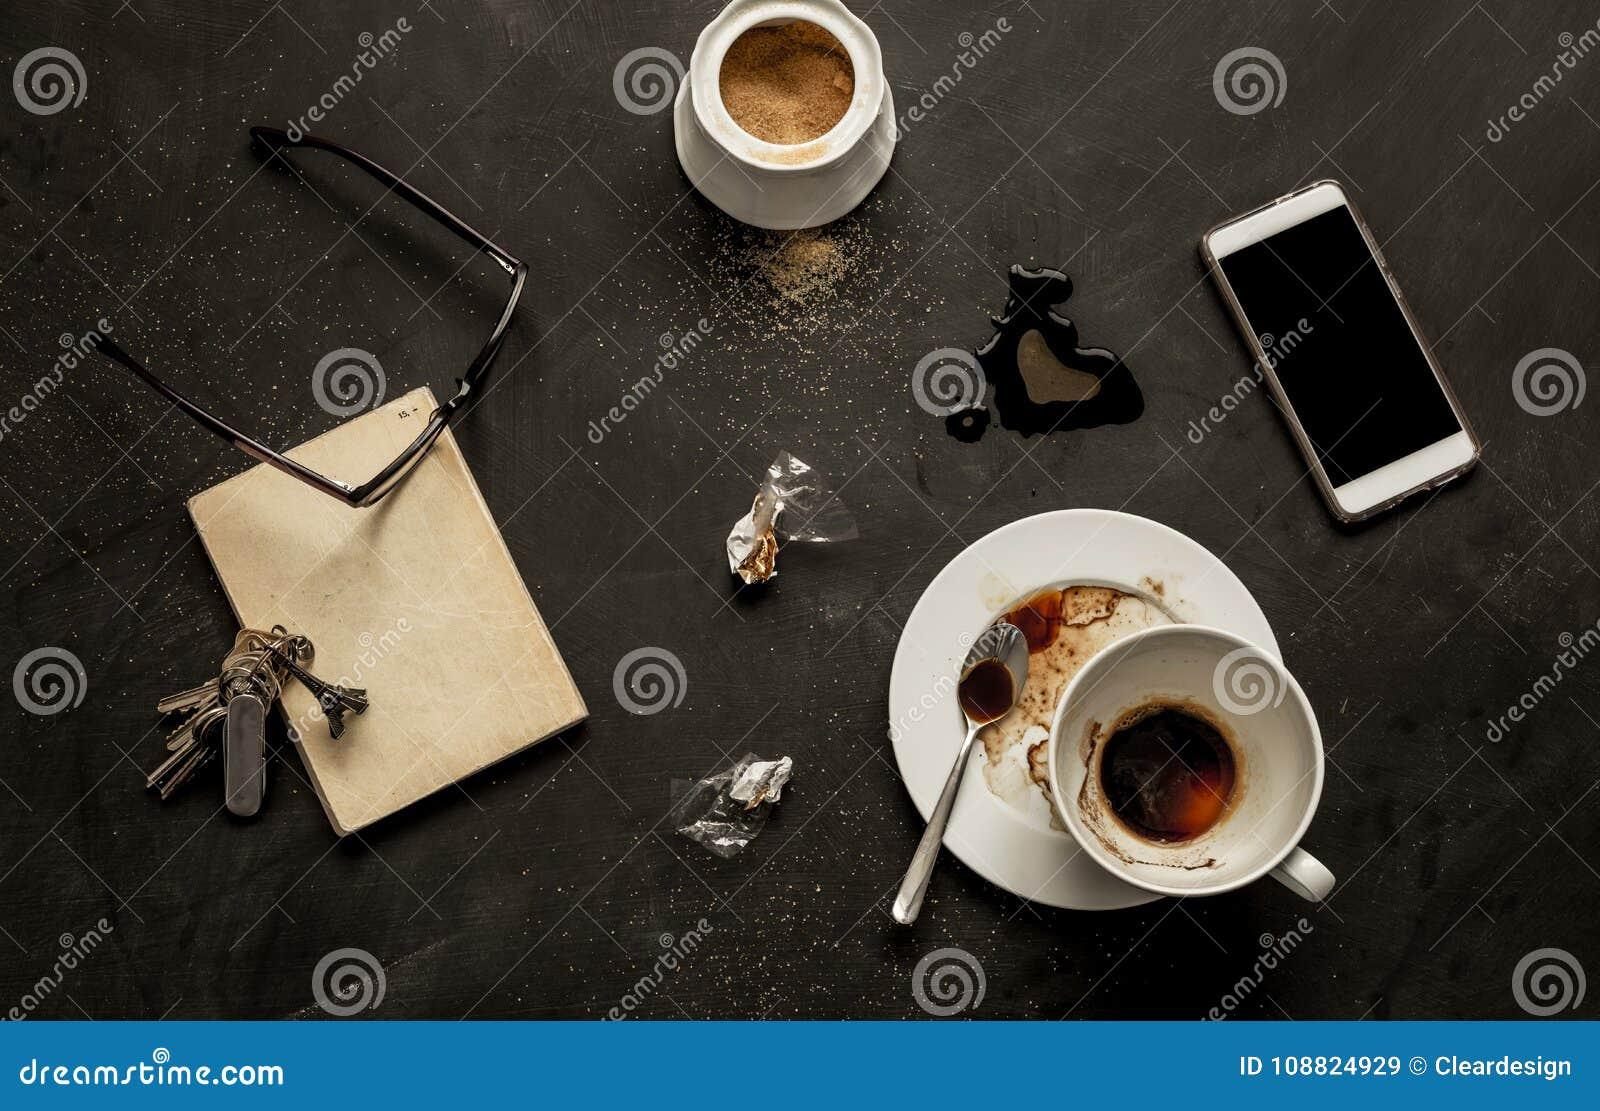 黑咖啡馆桌-空的咖啡杯和智能手机